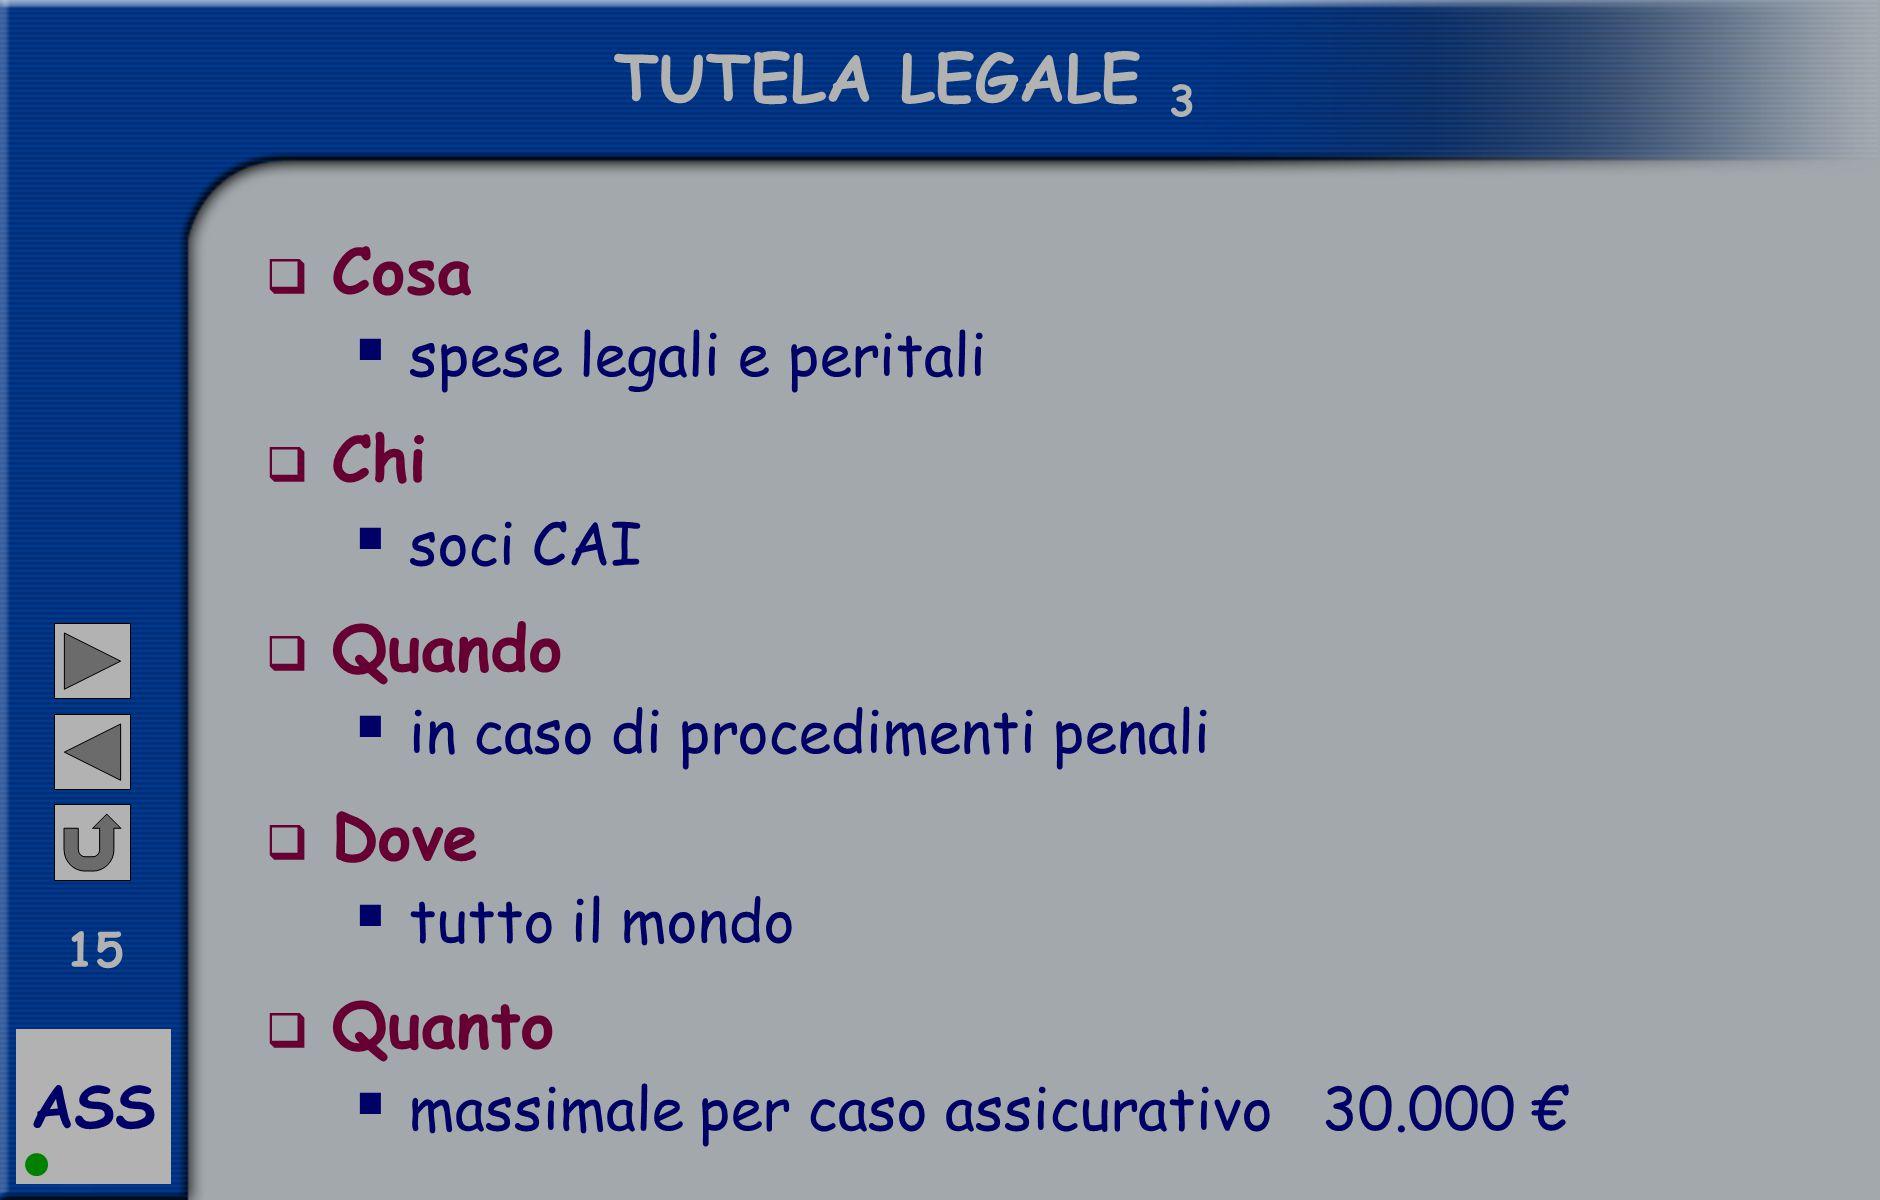 ASS 15 TUTELA LEGALE 3  Cosa  spese legali e peritali  Chi  soci CAI  Quando  in caso di procedimenti penali  Dove  tutto il mondo  Quanto 